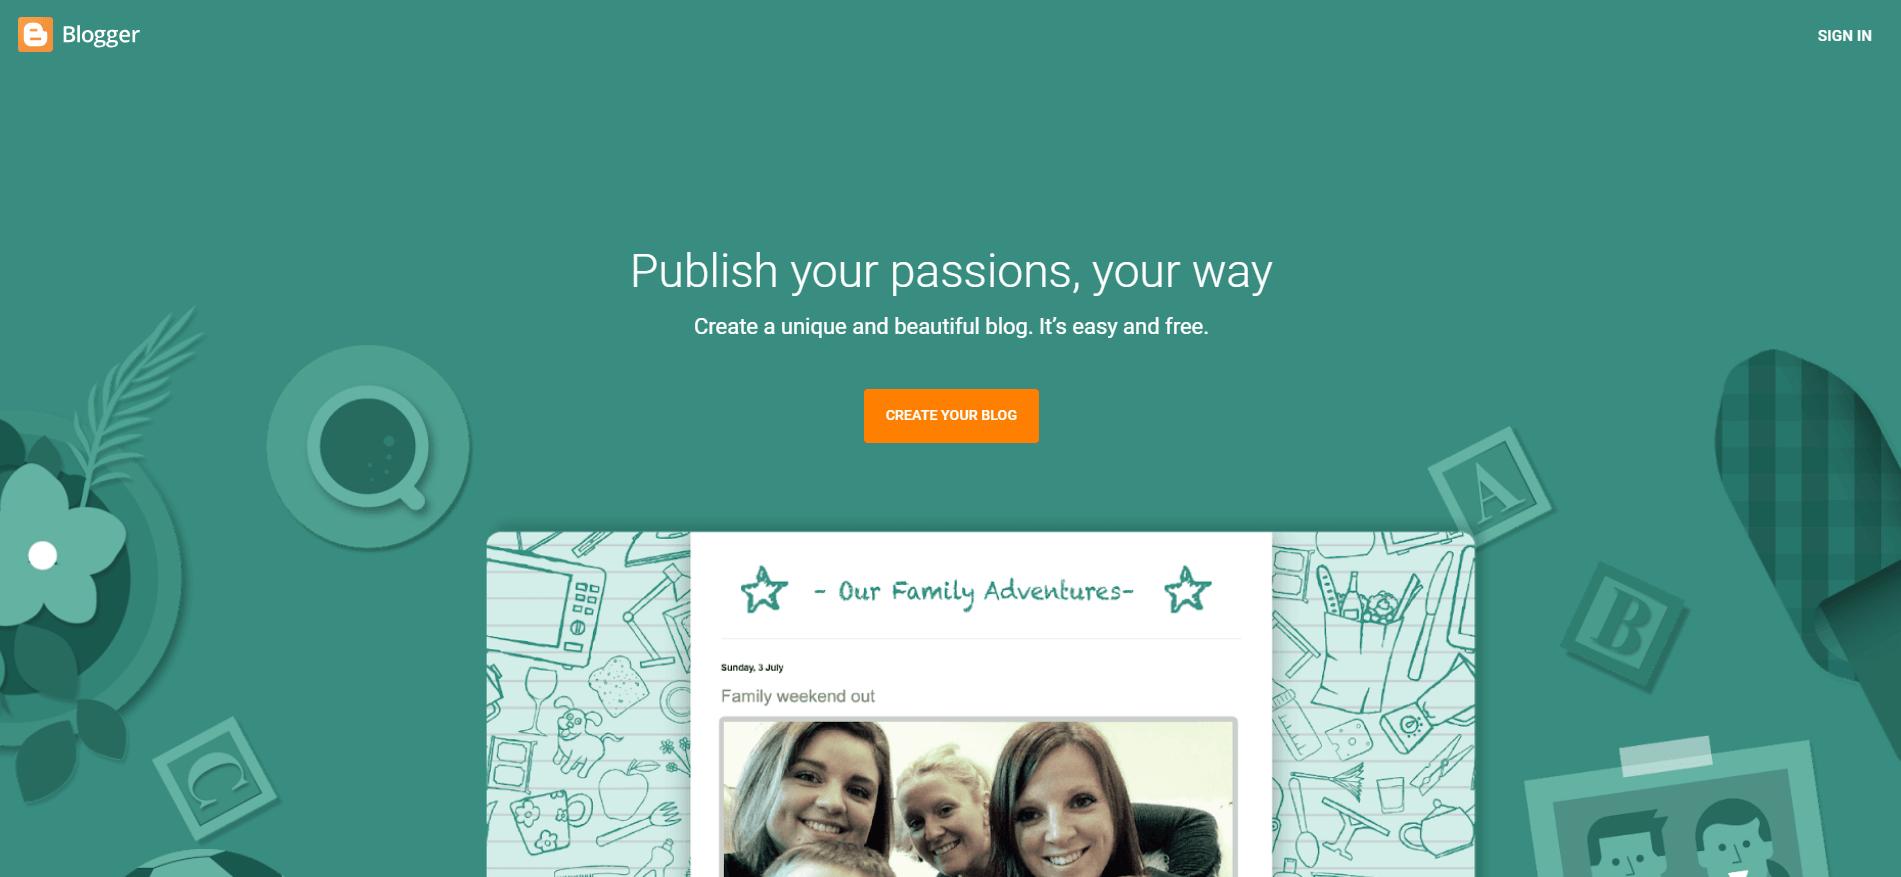 El sitio web de Blogger.